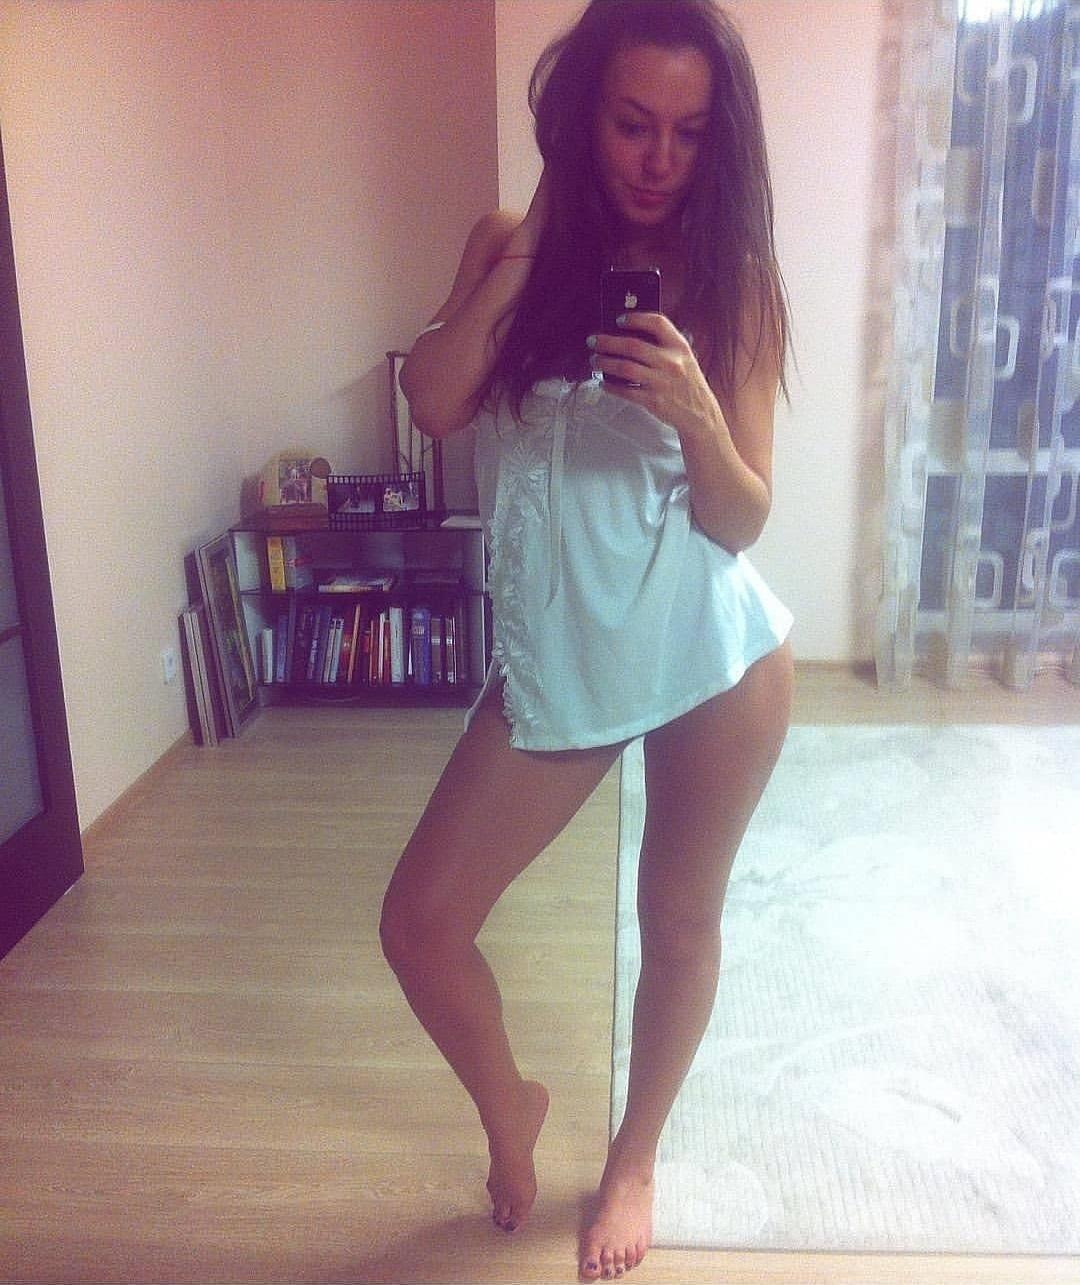 Image avec étiquettes:Sous-vêtements, Chat vidéo, Les filles